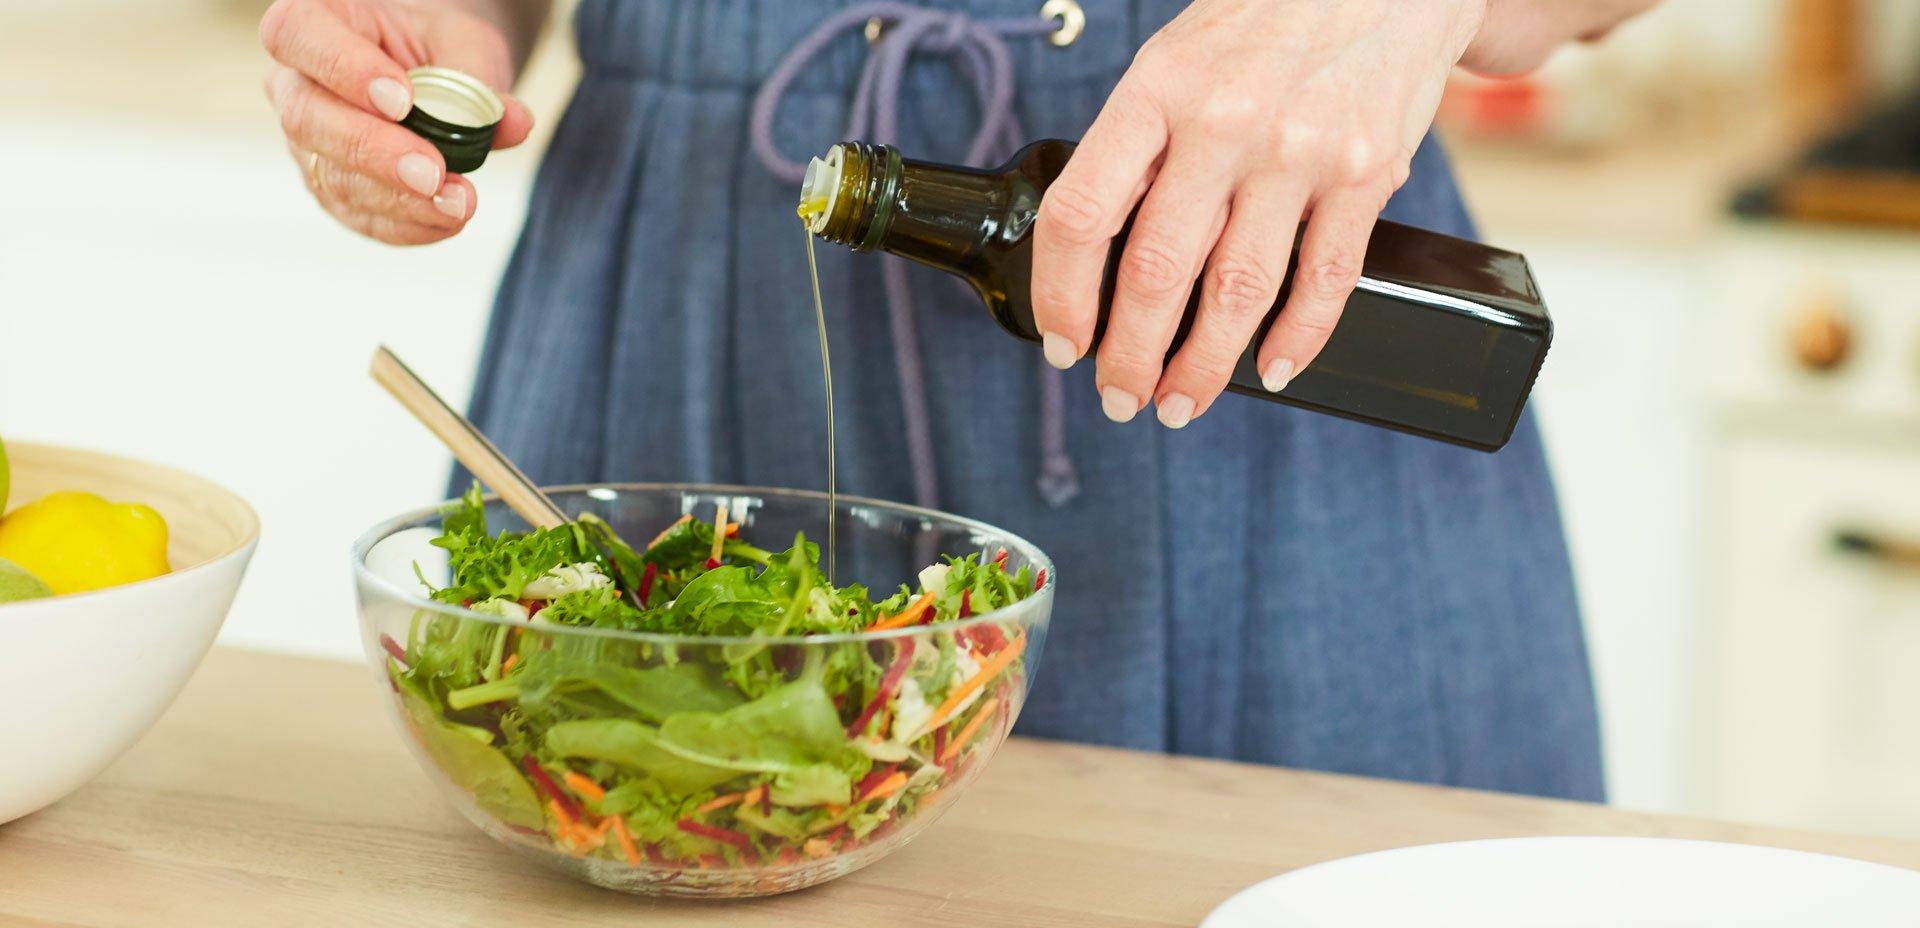 olio sull'insalata